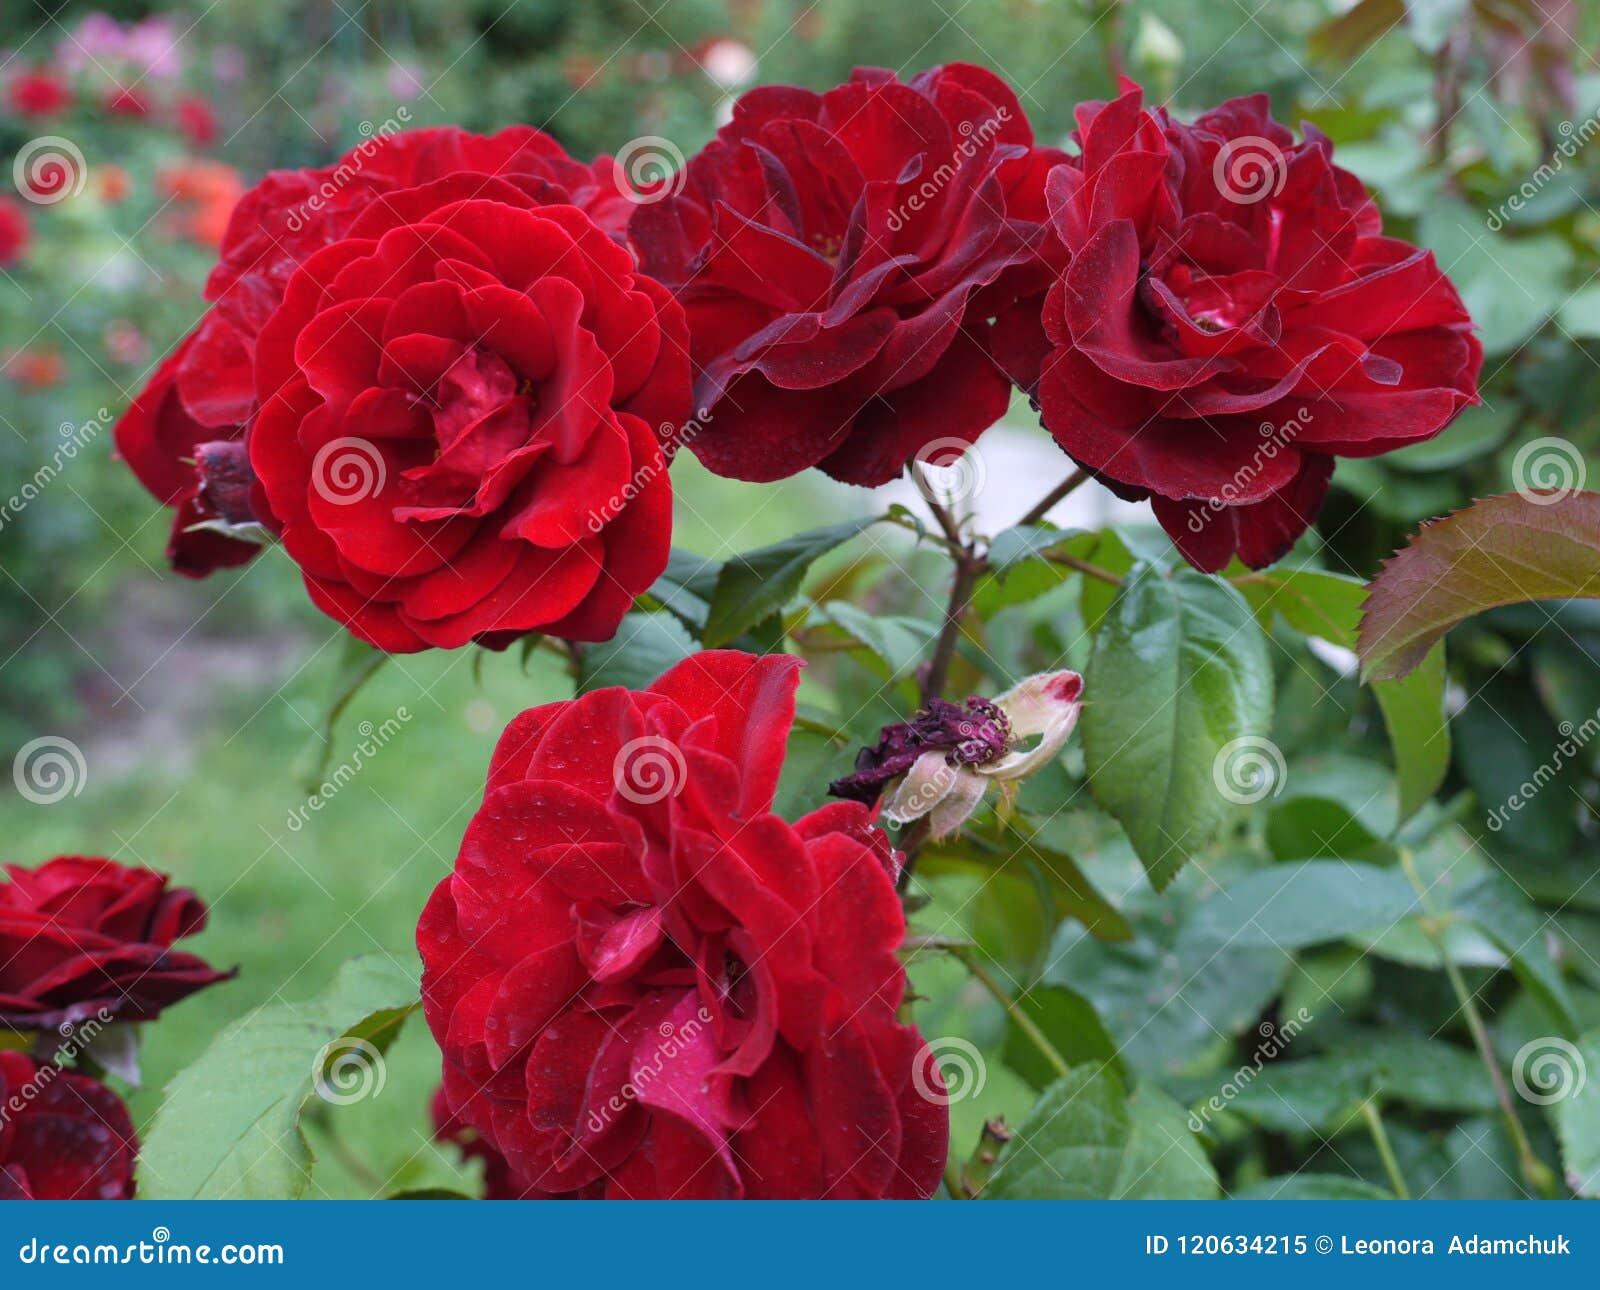 Лепестки бархата красных роз просто завораживающий с их нежностью и красотой Так вы хотите насладиться их вычурным